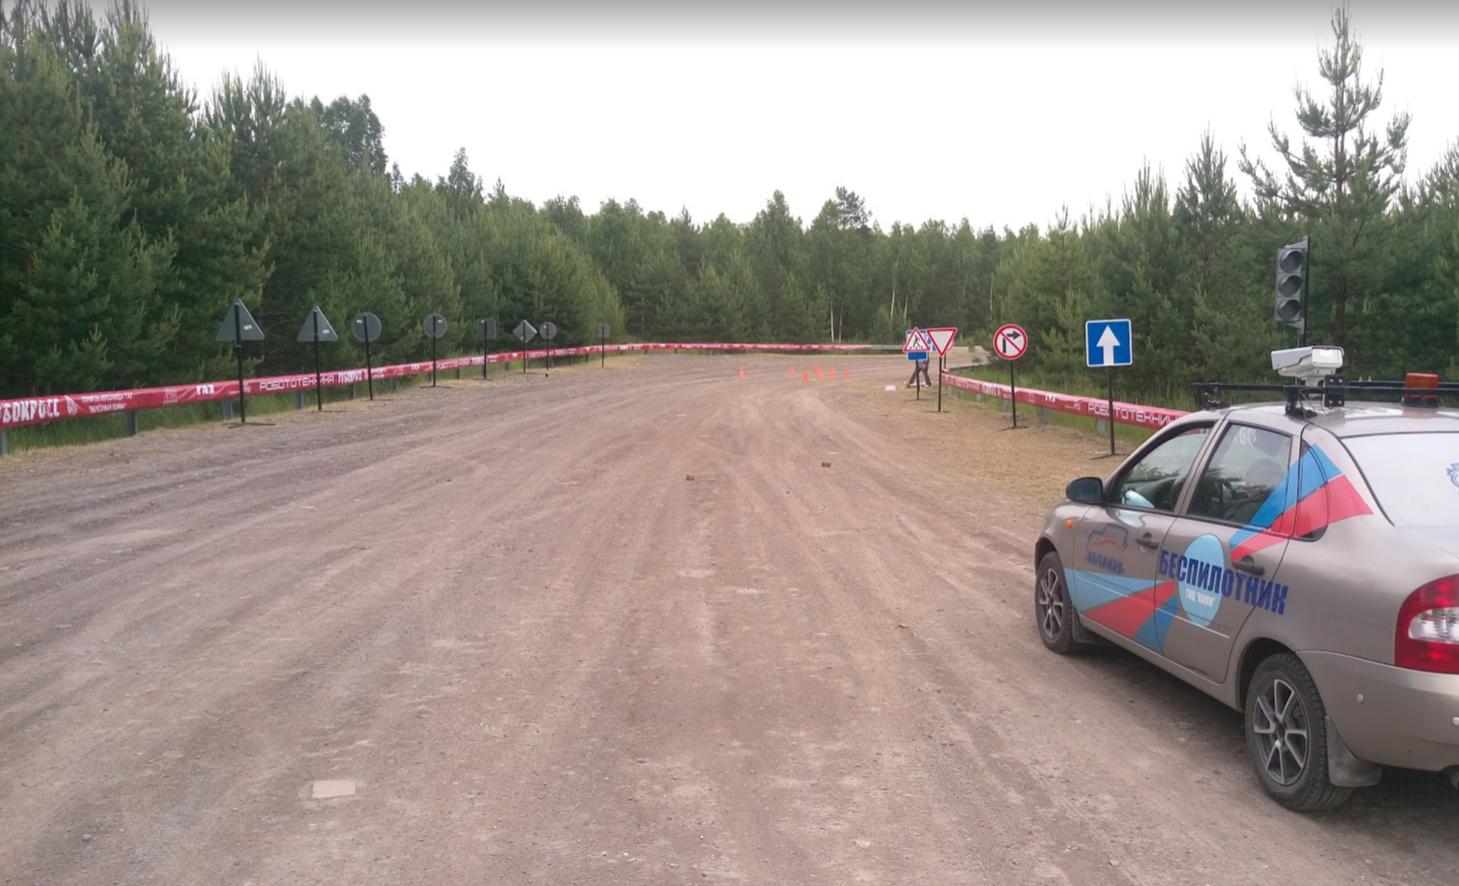 Трасса с однорядным барьером на котором закреплены баннеры, со знаками и БПТС команды НАМИ